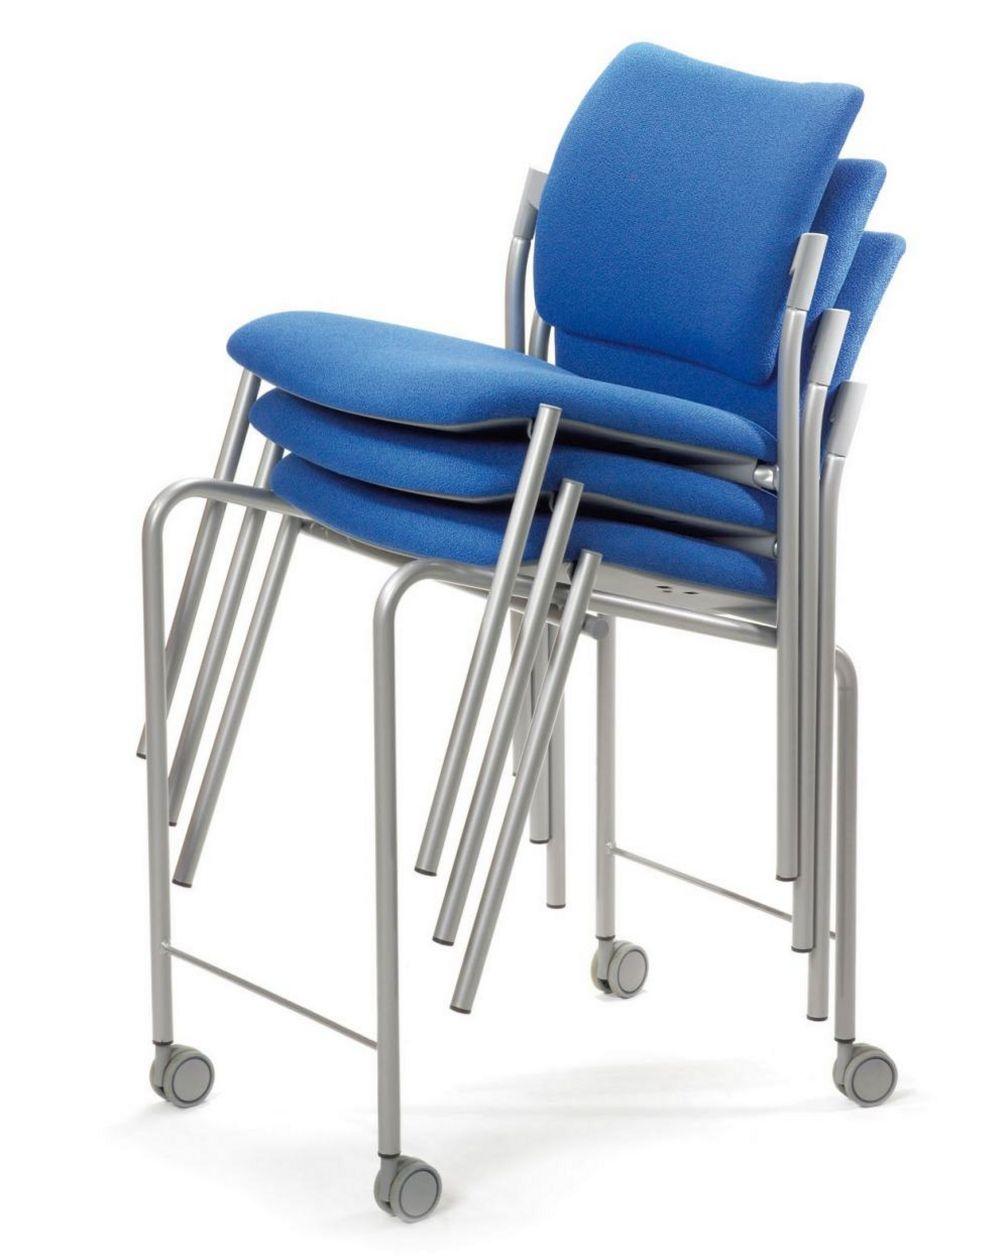 stapelbarer Veranstaltungsstuhl mit Stuhl-Transportwagen